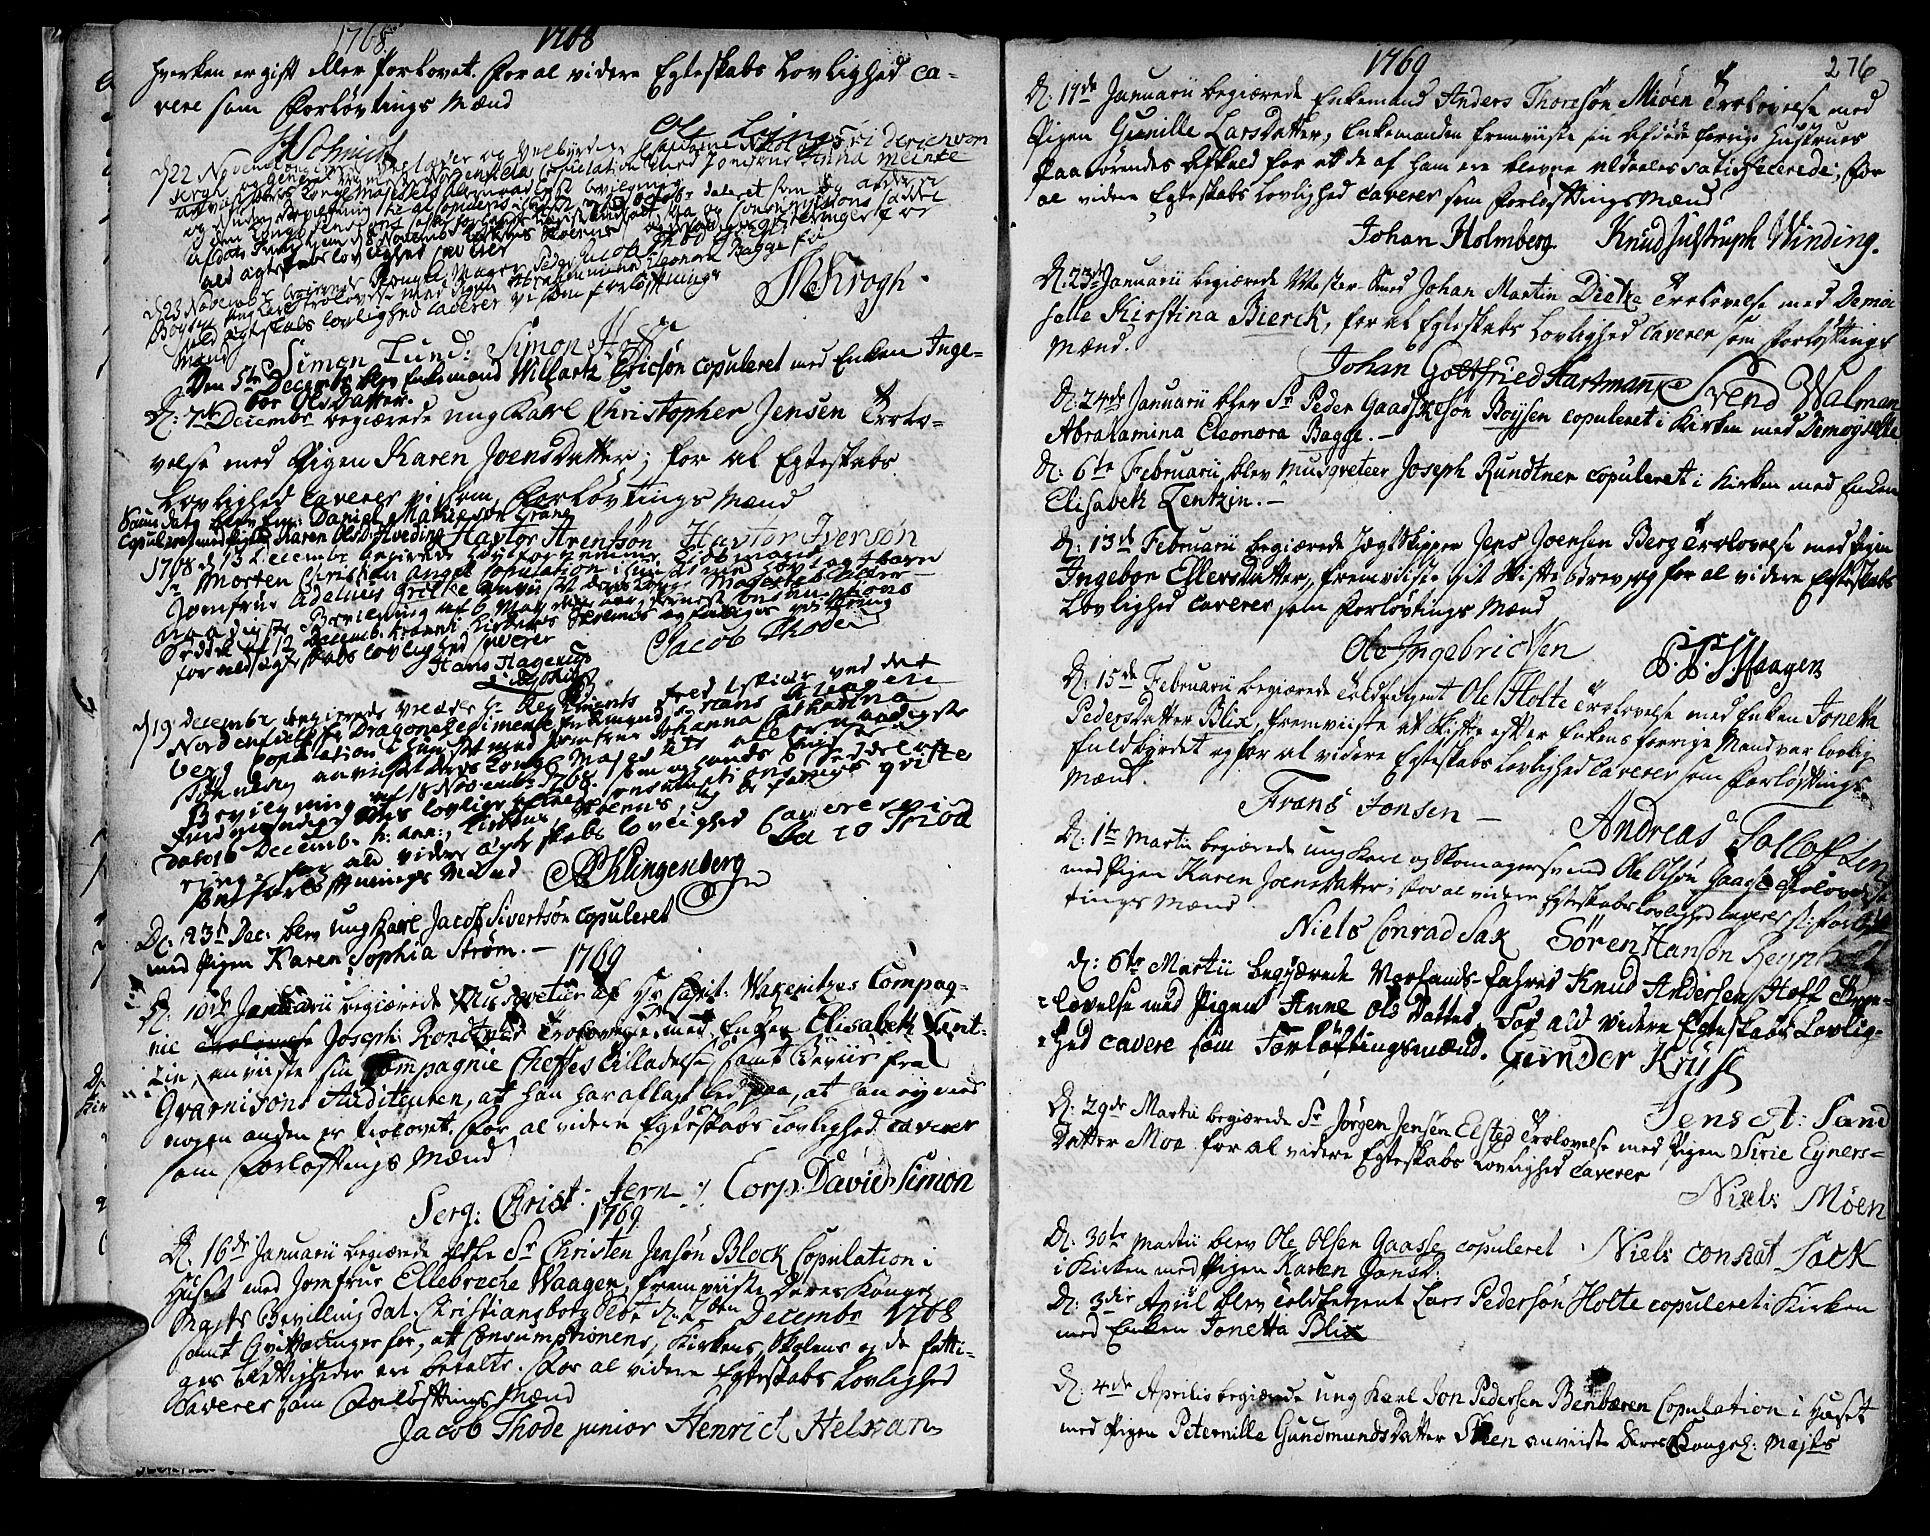 SAT, Ministerialprotokoller, klokkerbøker og fødselsregistre - Sør-Trøndelag, 601/L0038: Ministerialbok nr. 601A06, 1766-1877, s. 276